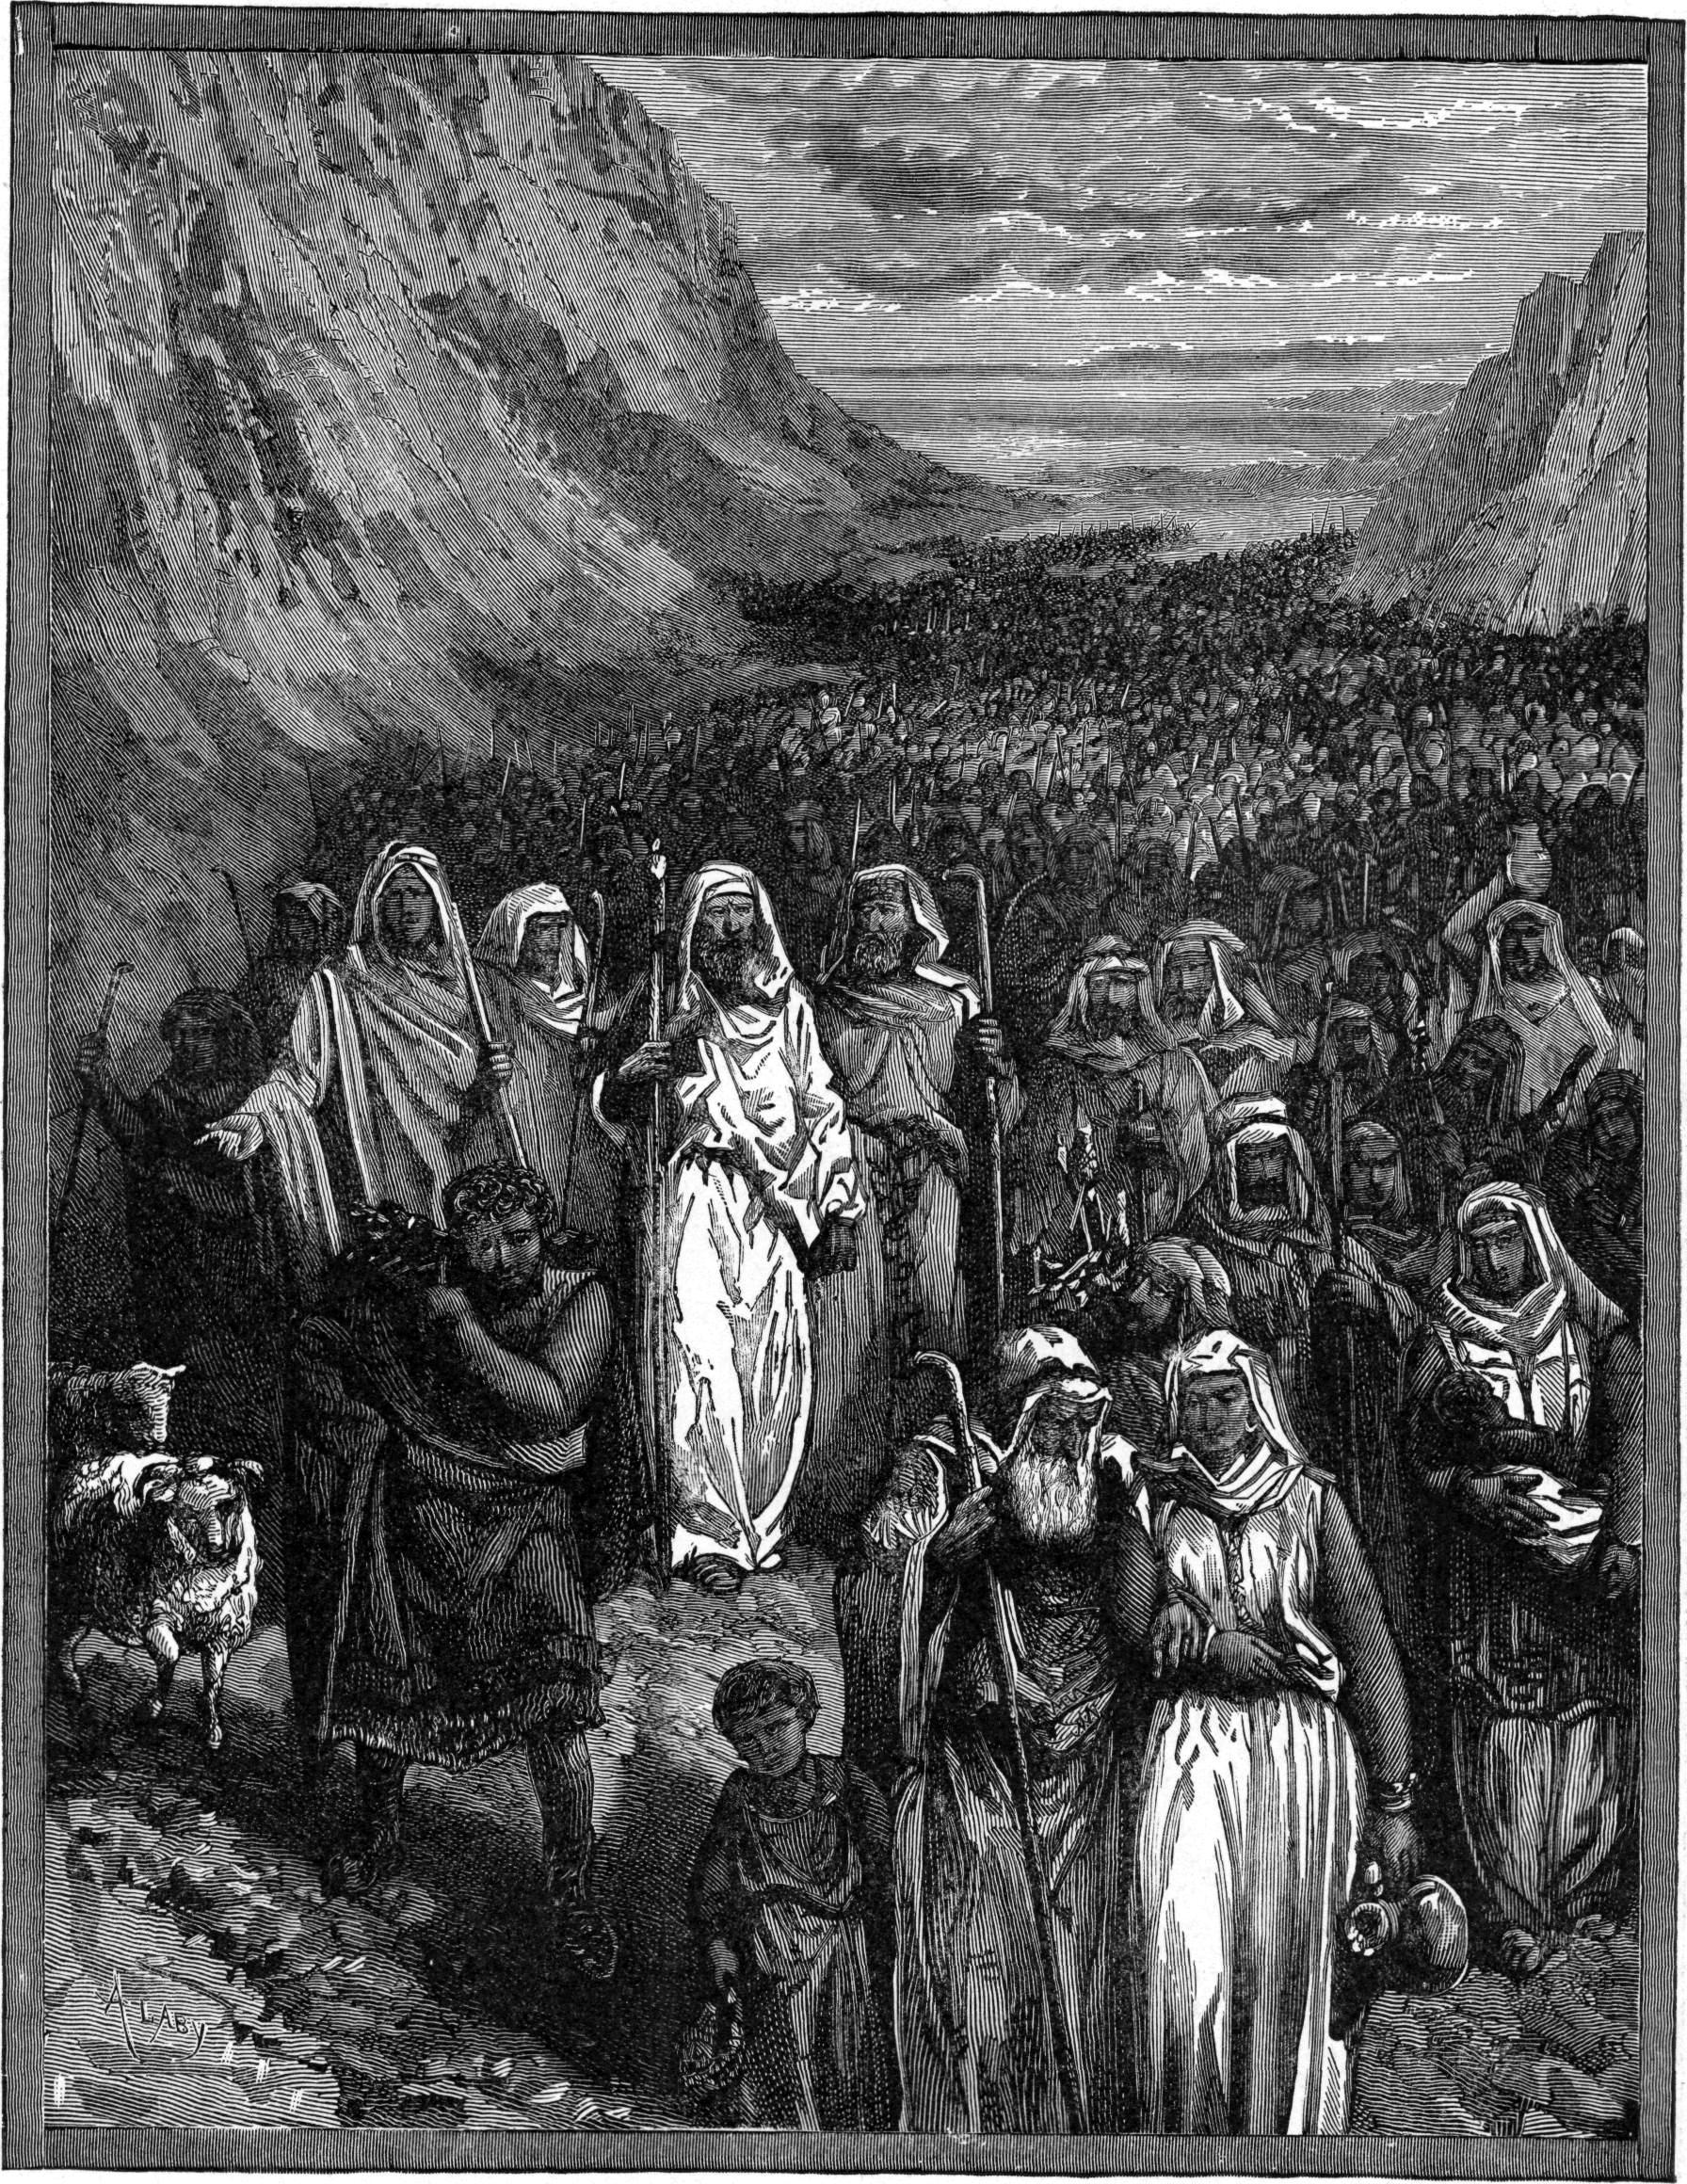 Странствования израильтян в пустыне. Иллюстрация к изданию Библии Чарльза Фостера, 1897